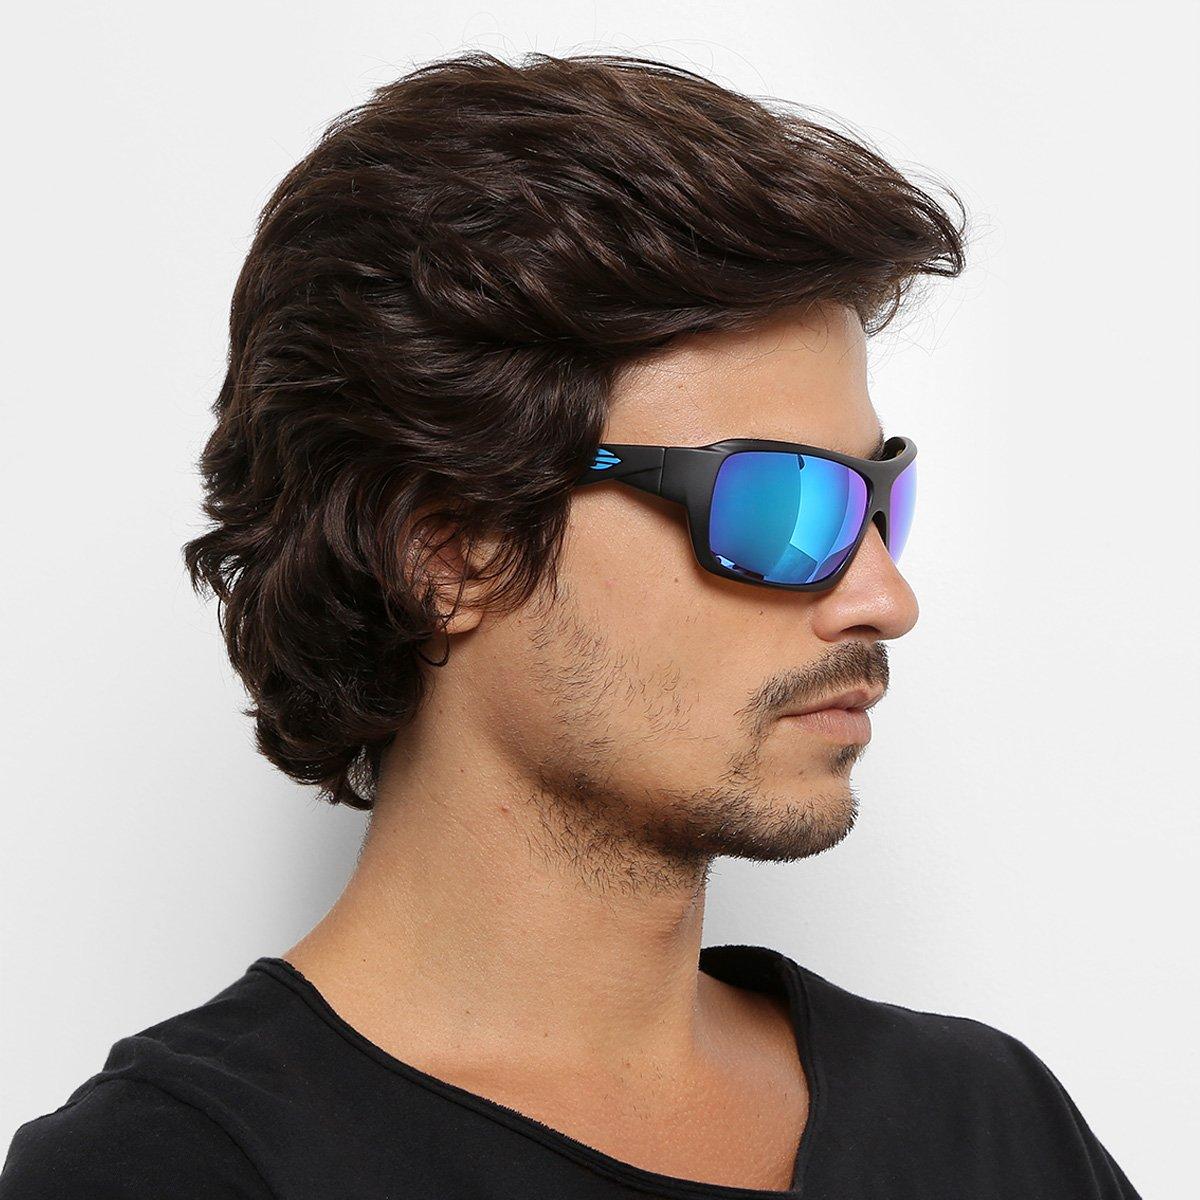 21bc49d0da5d6 Óculos de Sol Mormaii Malibu Masculino - Compre Agora